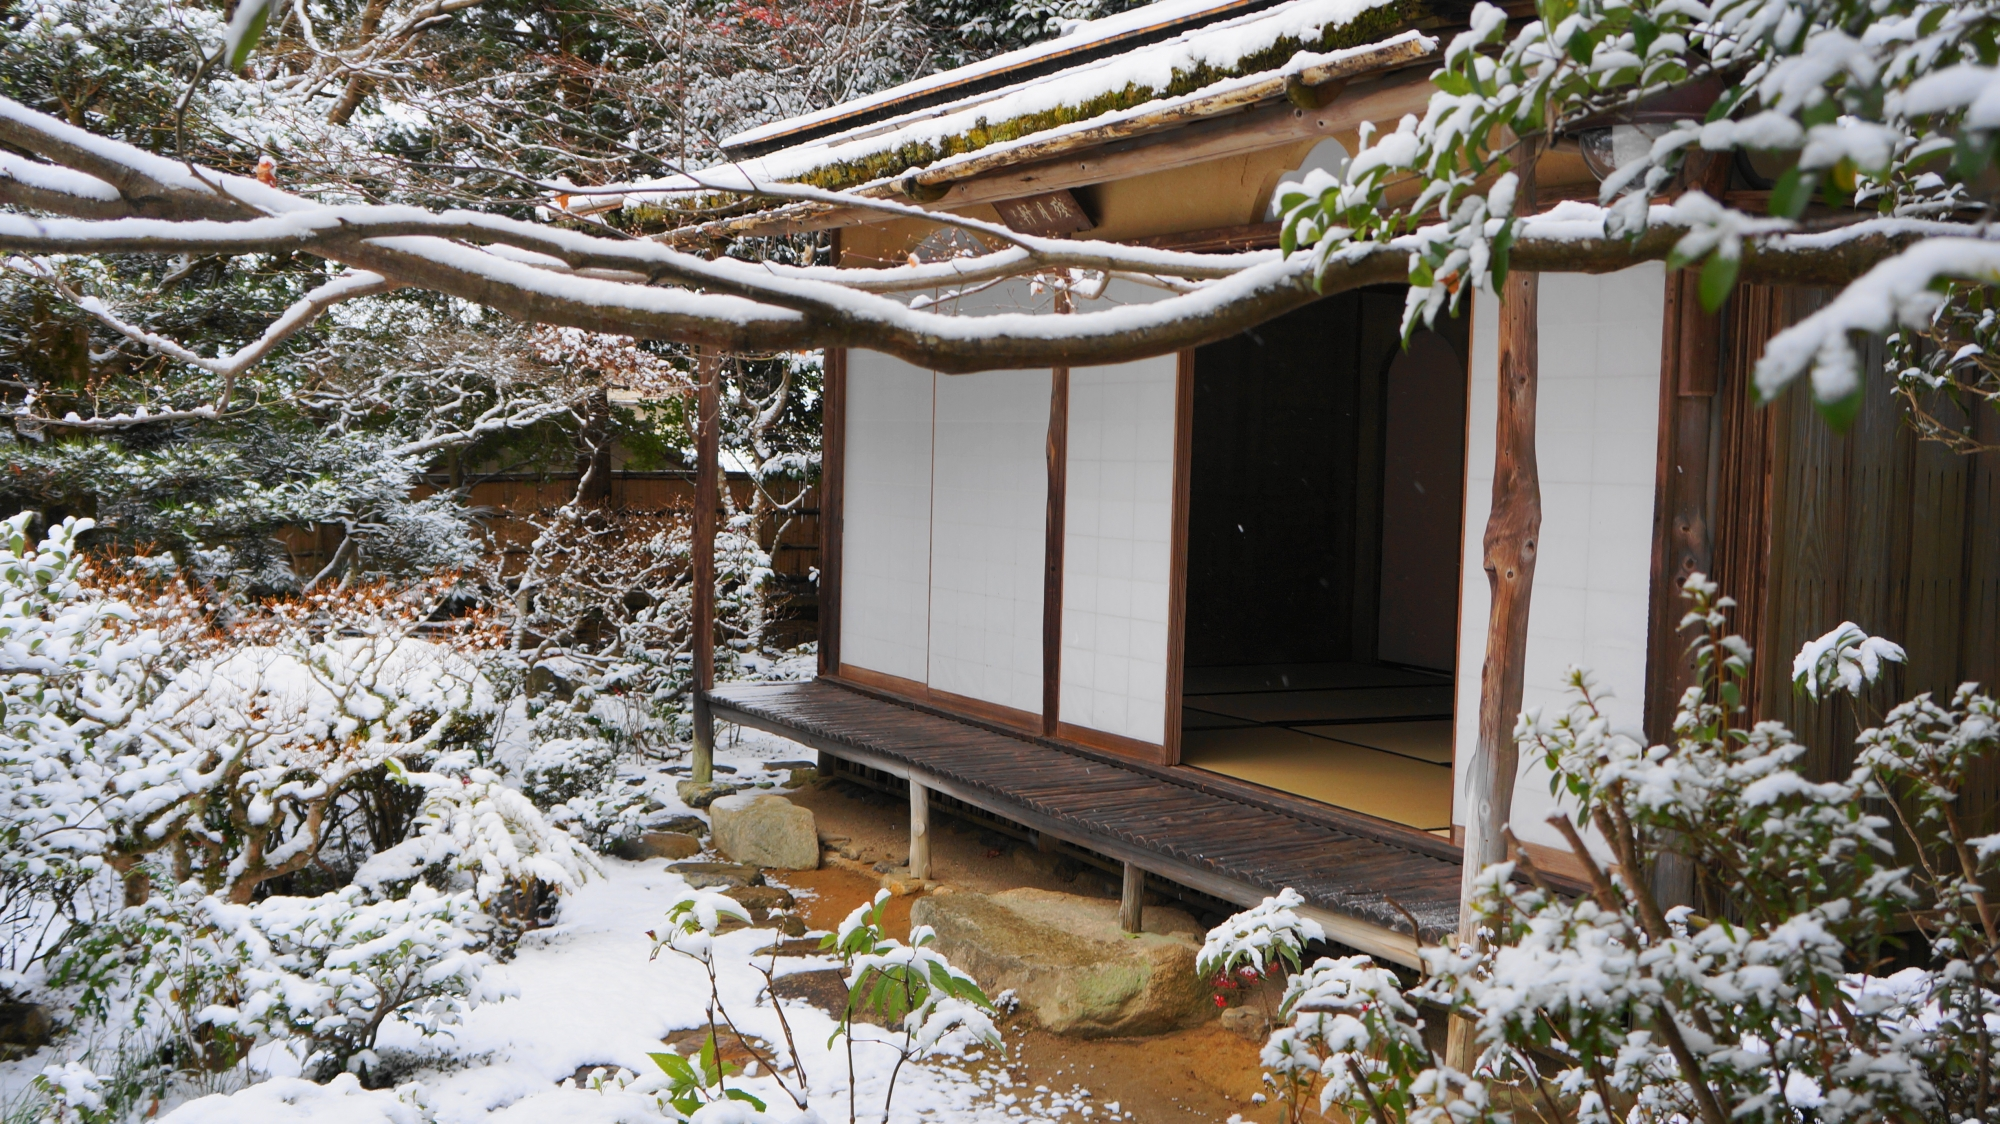 詩仙堂の茶室の残月軒